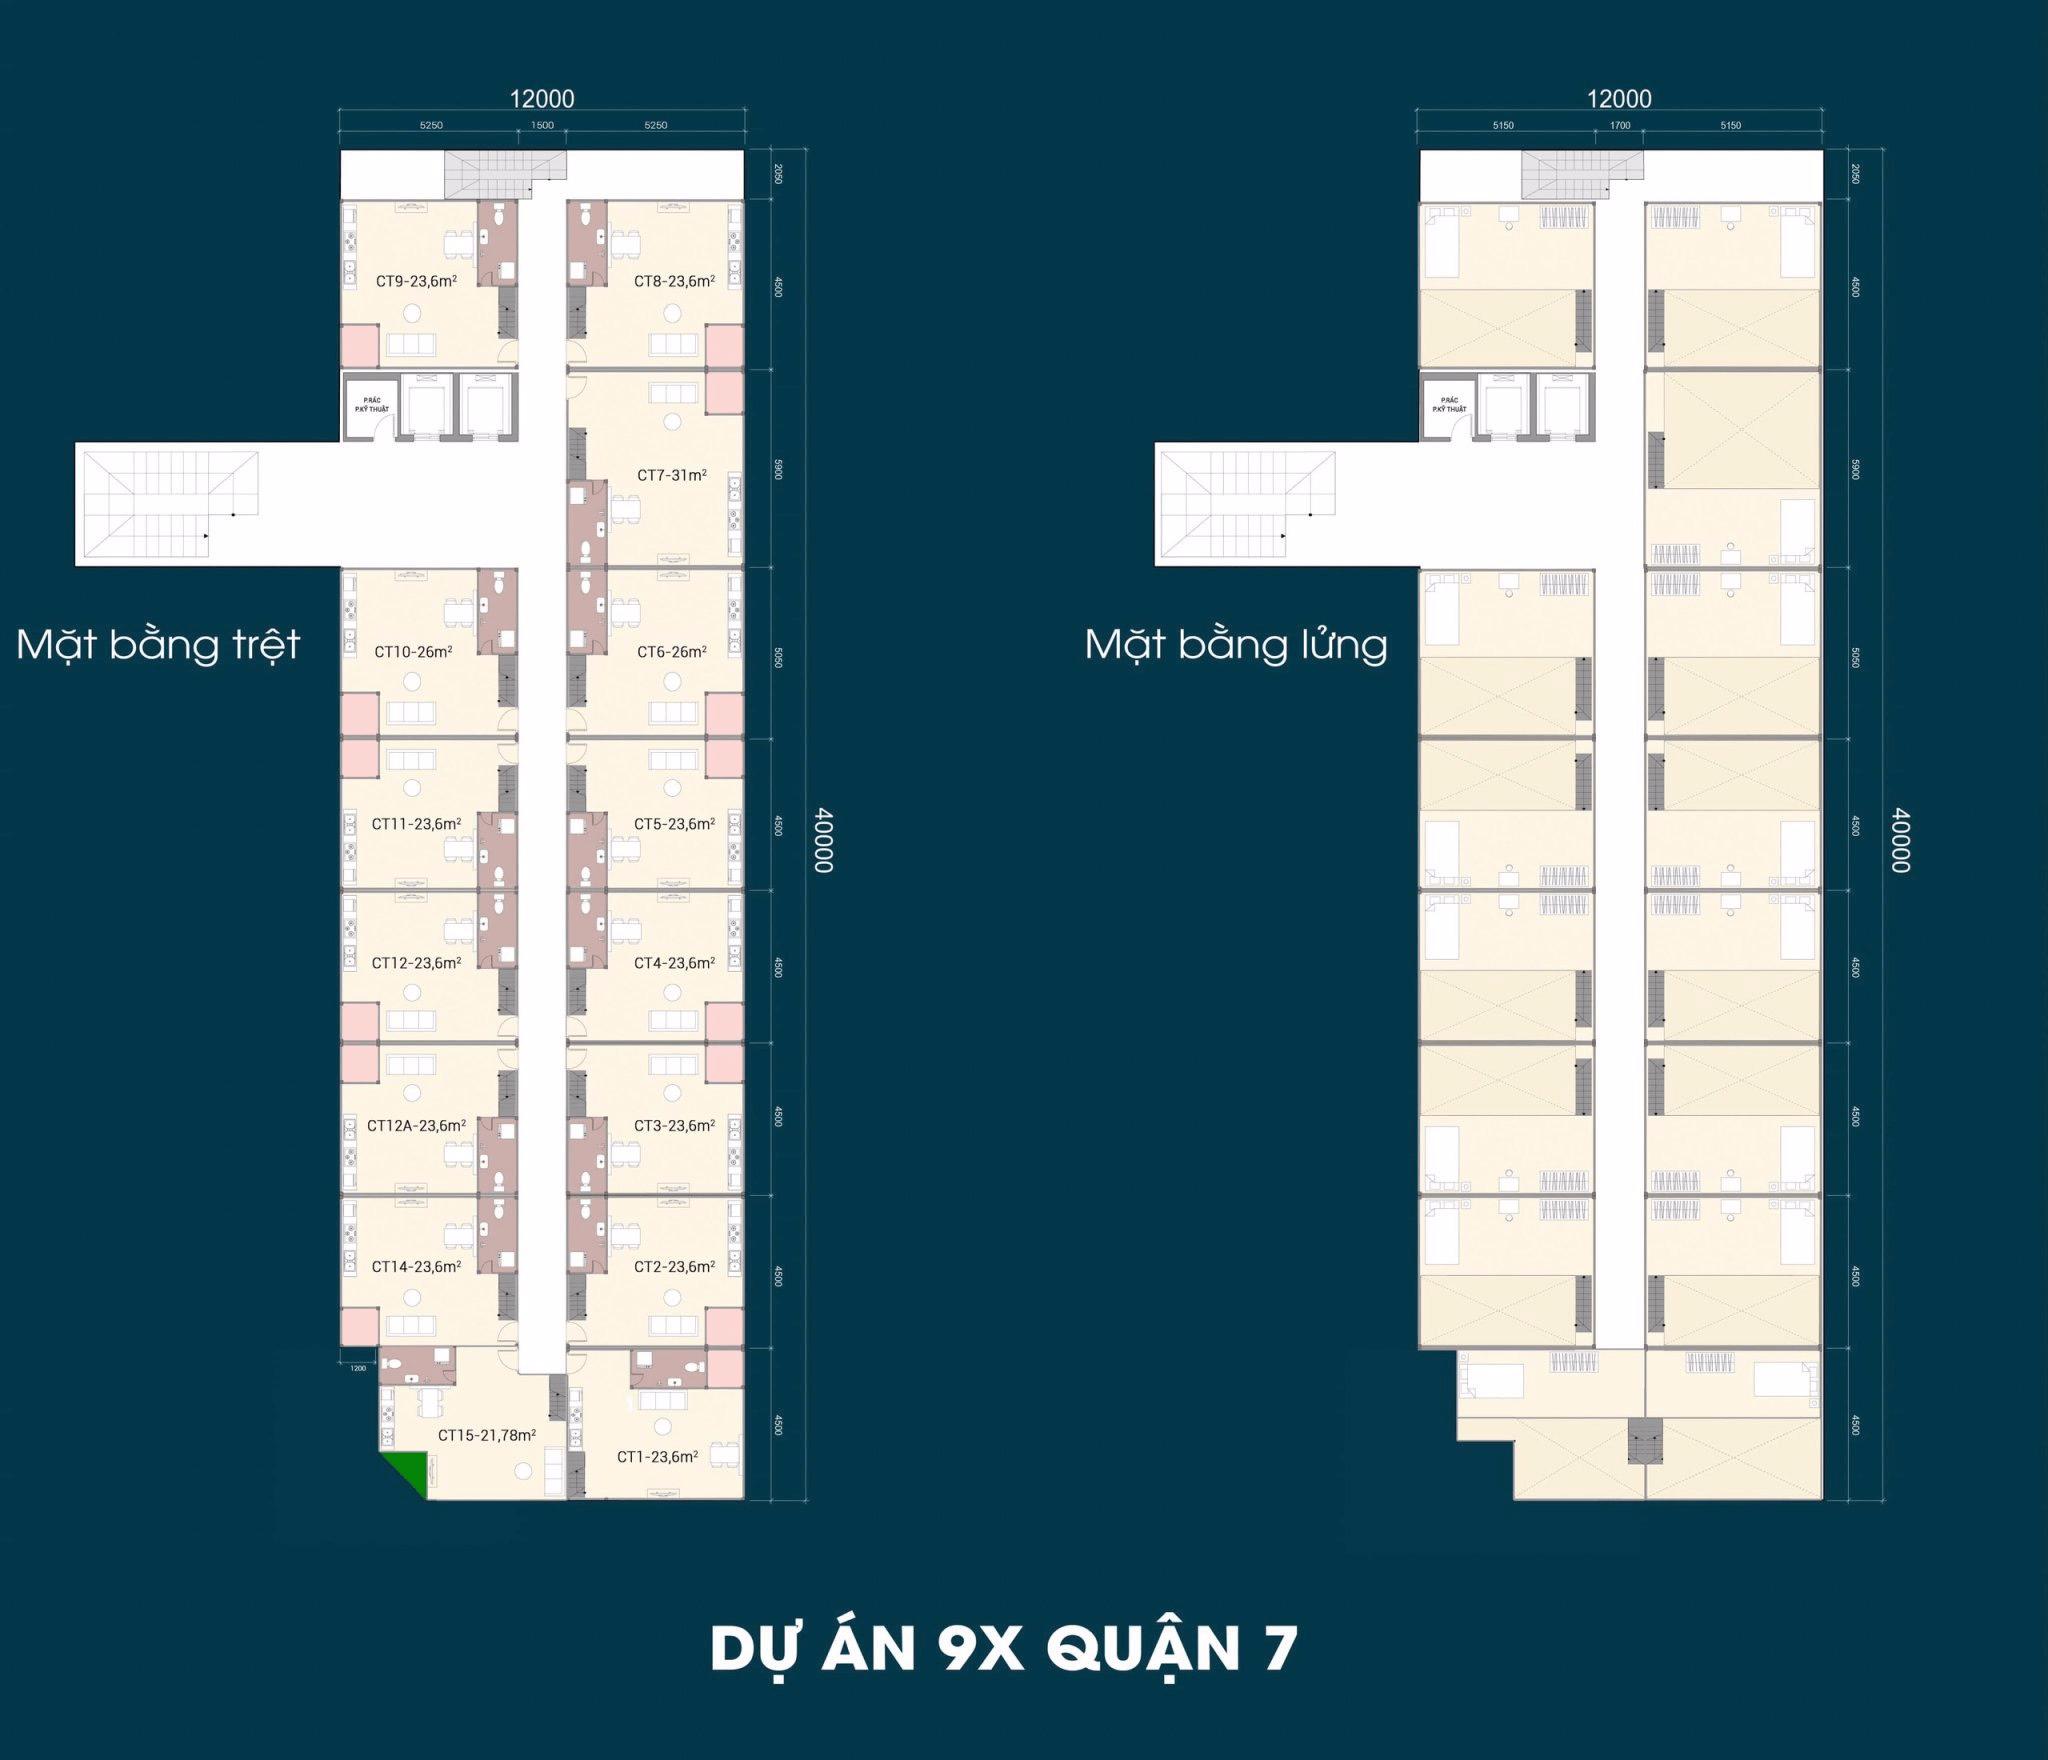 mặt bằng dự án căn hộ mini 9x quận 7